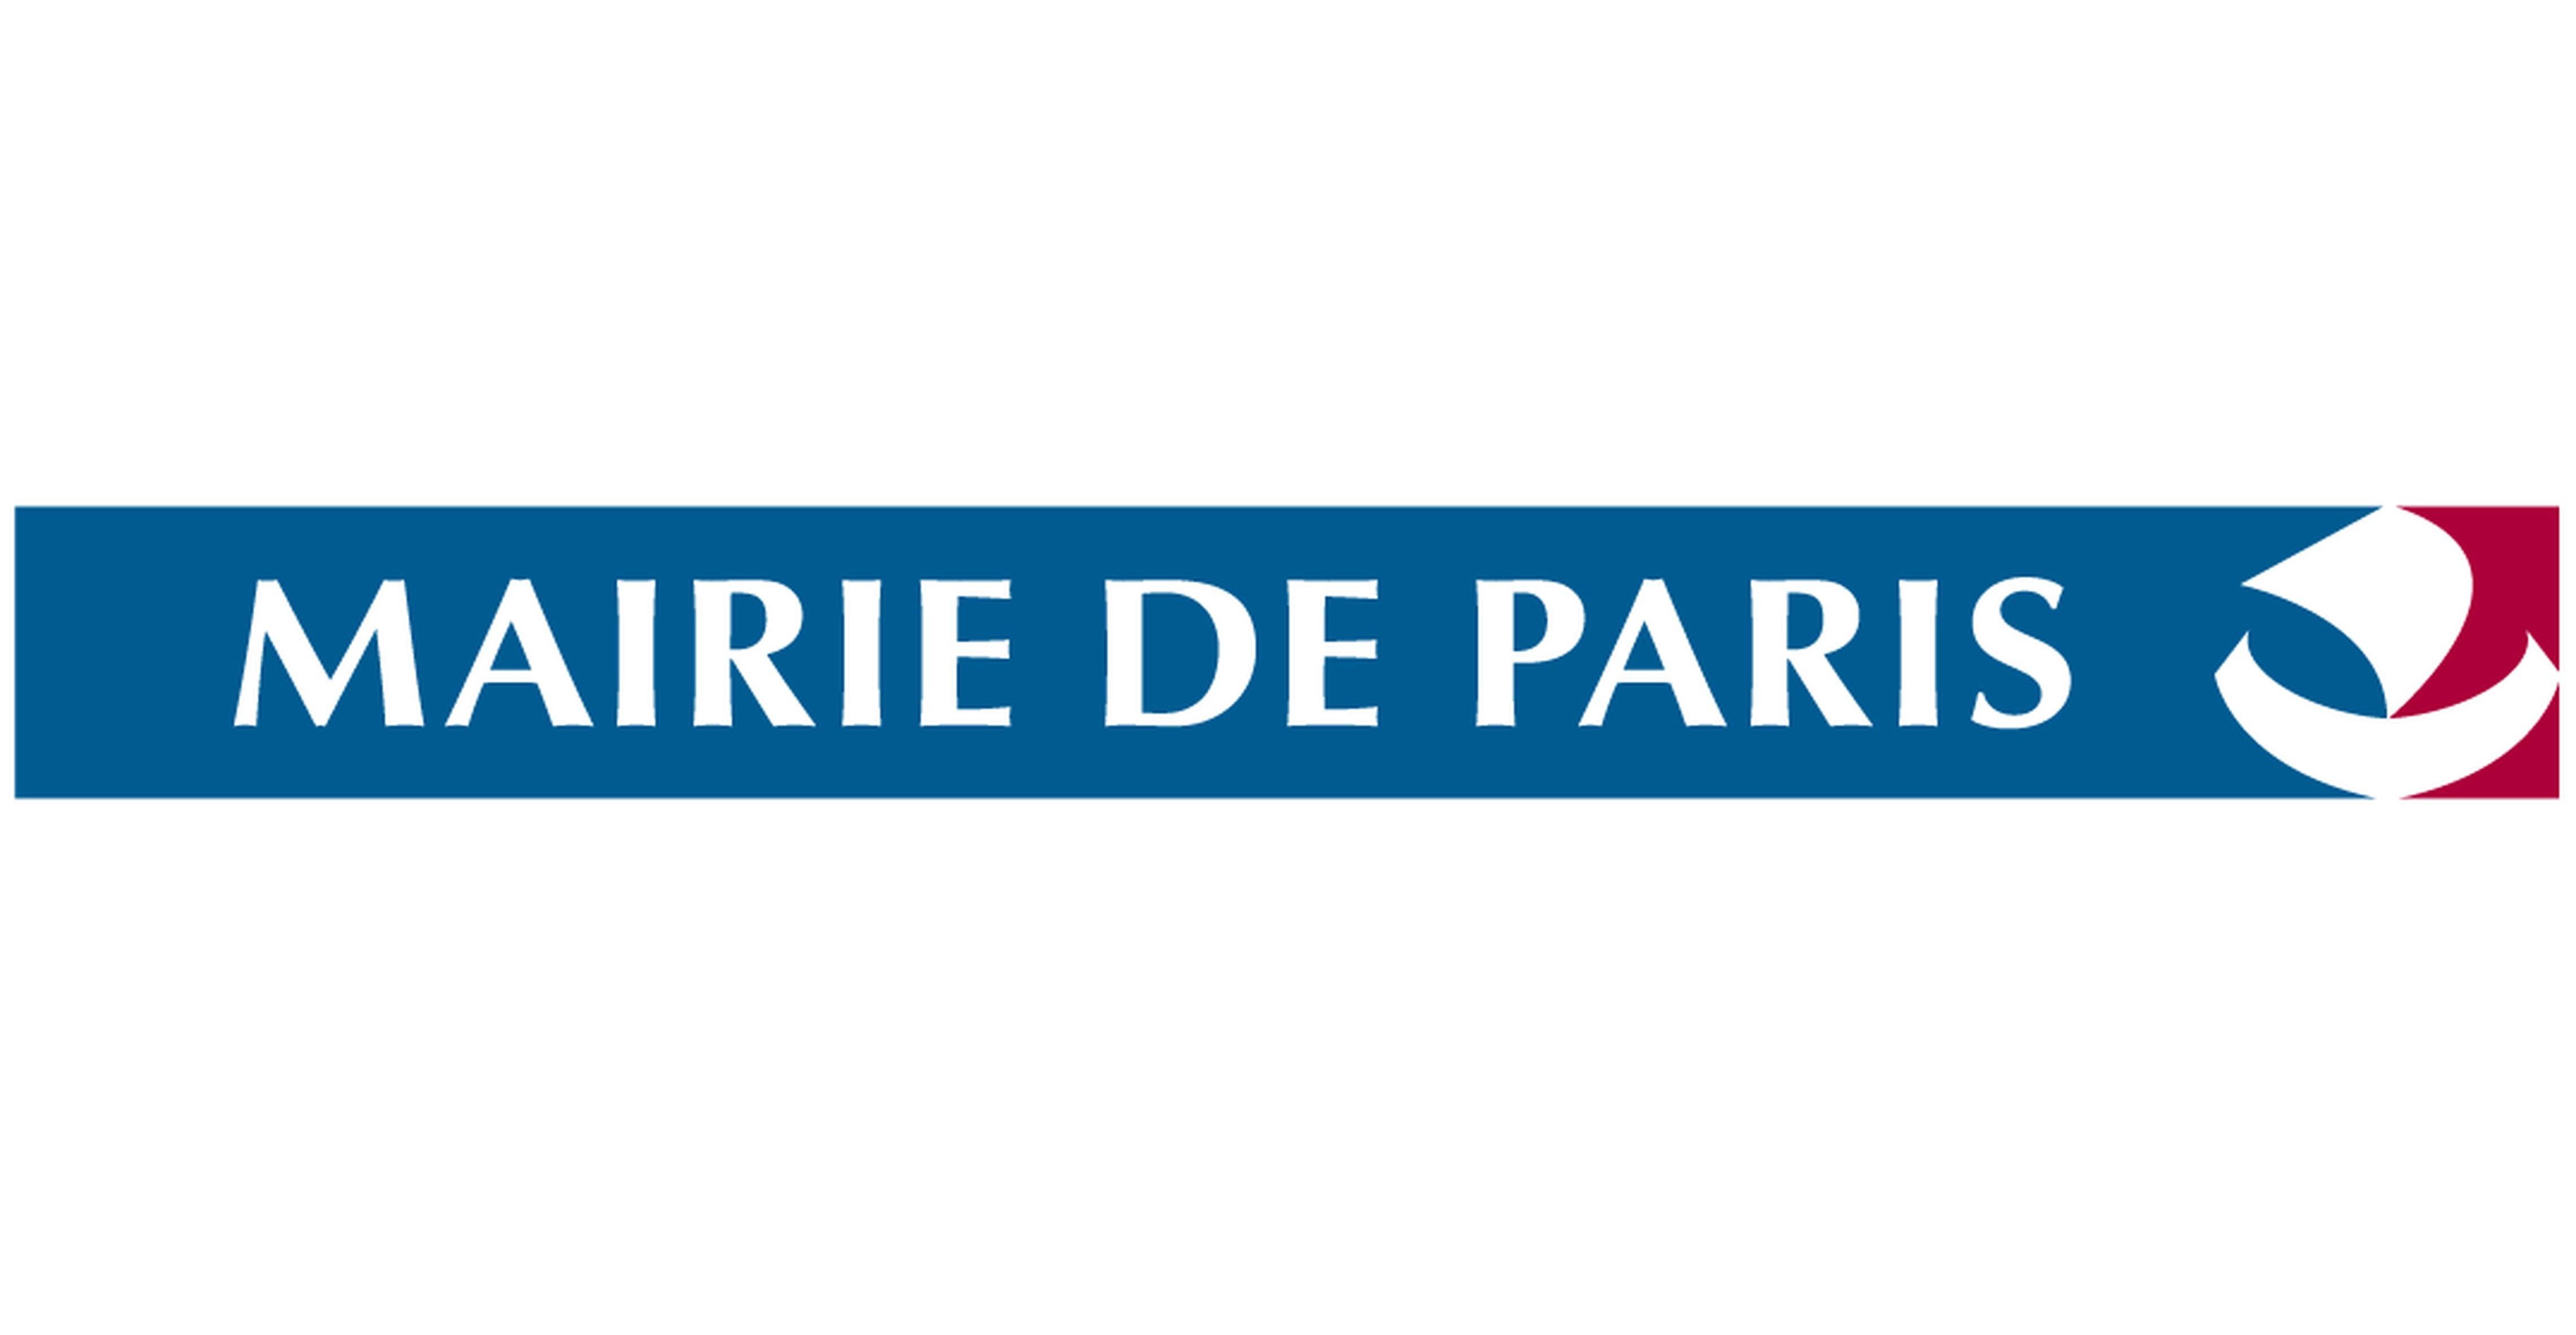 Capitale au rayonnement international, Paris s'implique dans les grands enjeux mondiaux. Par des actions de solidarité, des projets de coopération et d'échanges culturels, un soutien sans faille à la politique européenne, aux luttes contre les pandémies et contre le dérèglement climatique, la Ville de Paris innove, consolide, enrichit ses échanges avec le reste du monde. Entretenant un dialogue régulier et des projets d'avenir avec plus de 60  villes et pays – rendus possibles par la solidarité des Parisiens -, elle en acquiert d'importants retours sur expériences. Avec plus de 6,5 M€ par an, Paris est la première collectivité en matière d'aide publique au développement dans le monde.